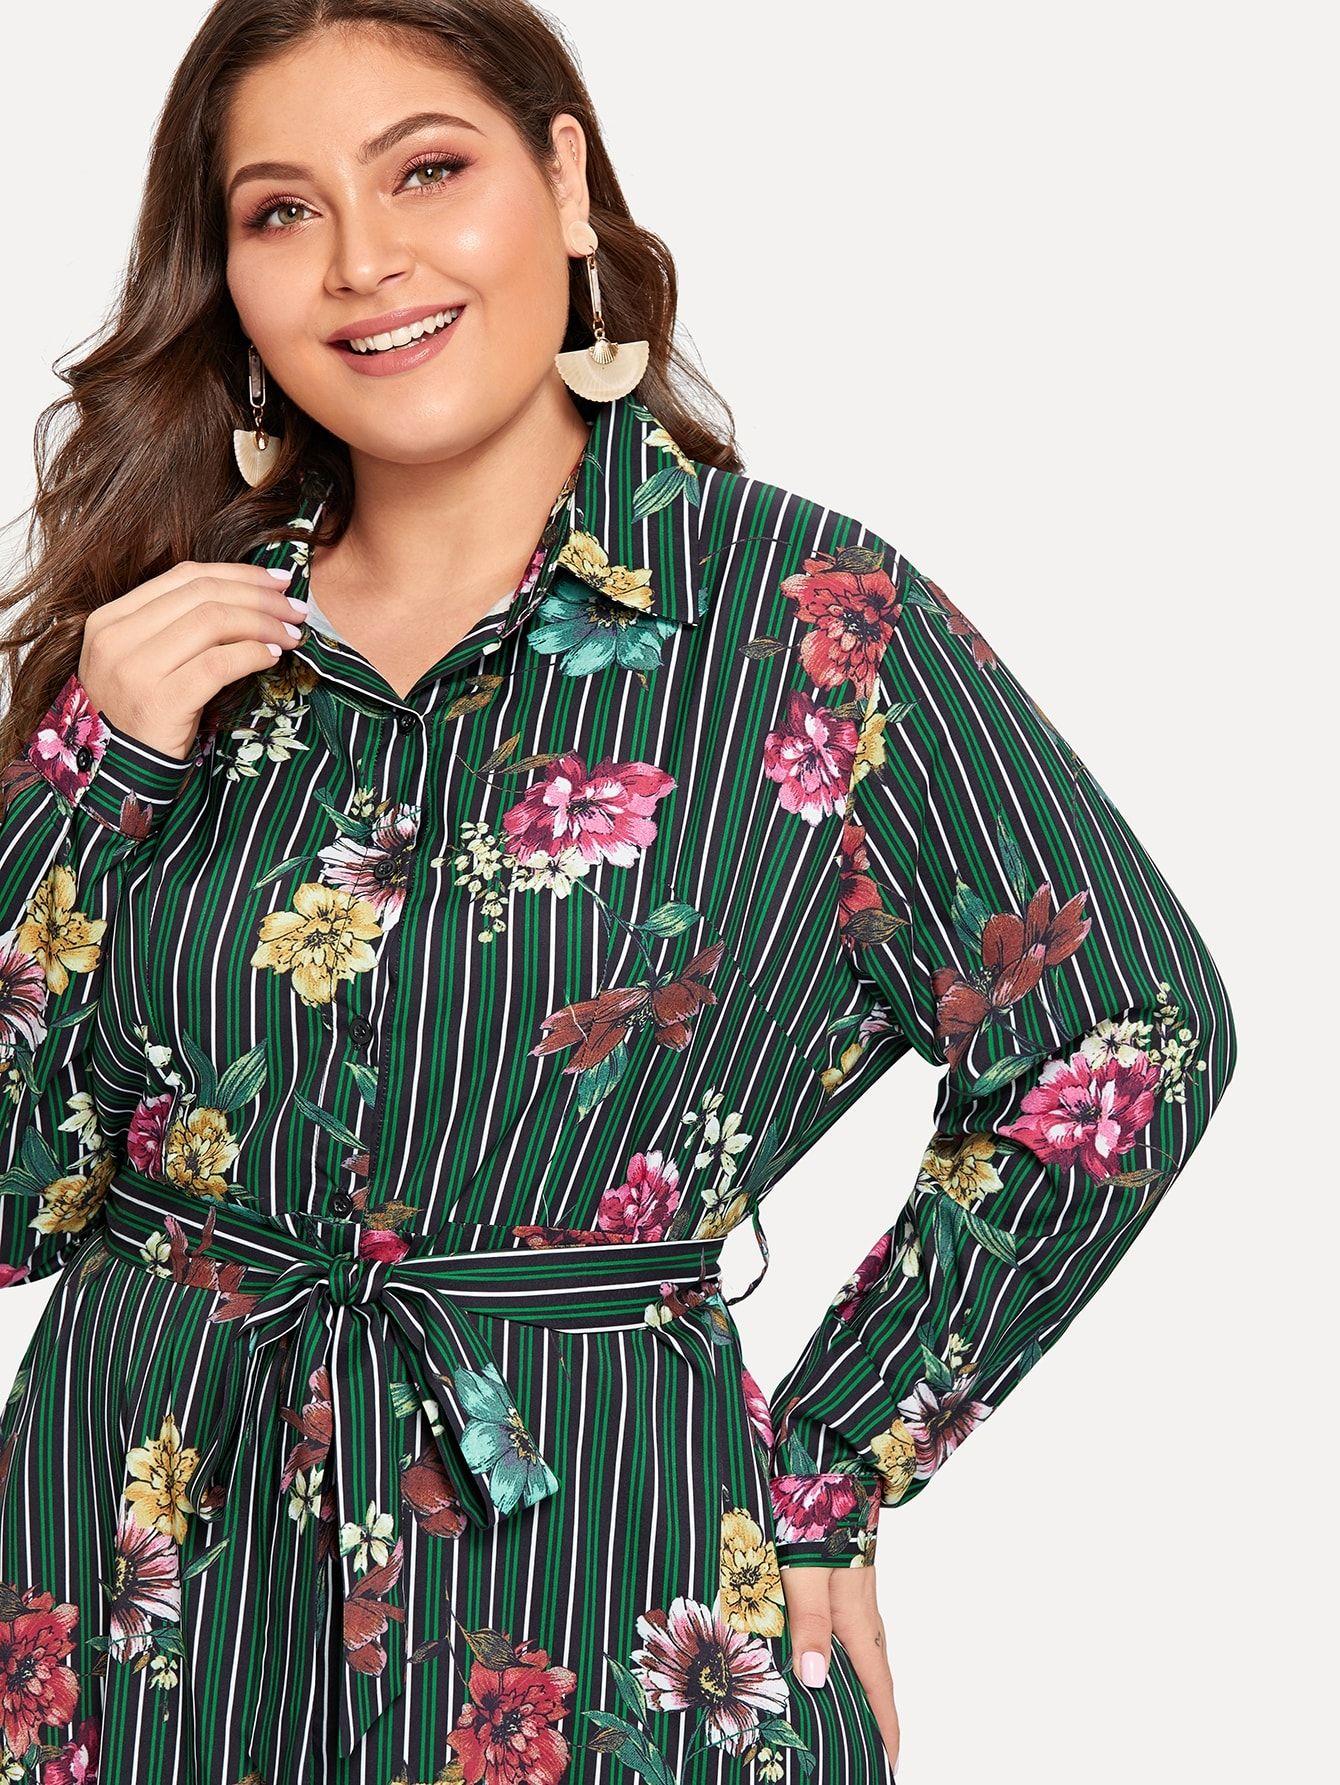 b8d9a7eb668 Plus Floral Print Striped Shirt Dress Print Floral Striped